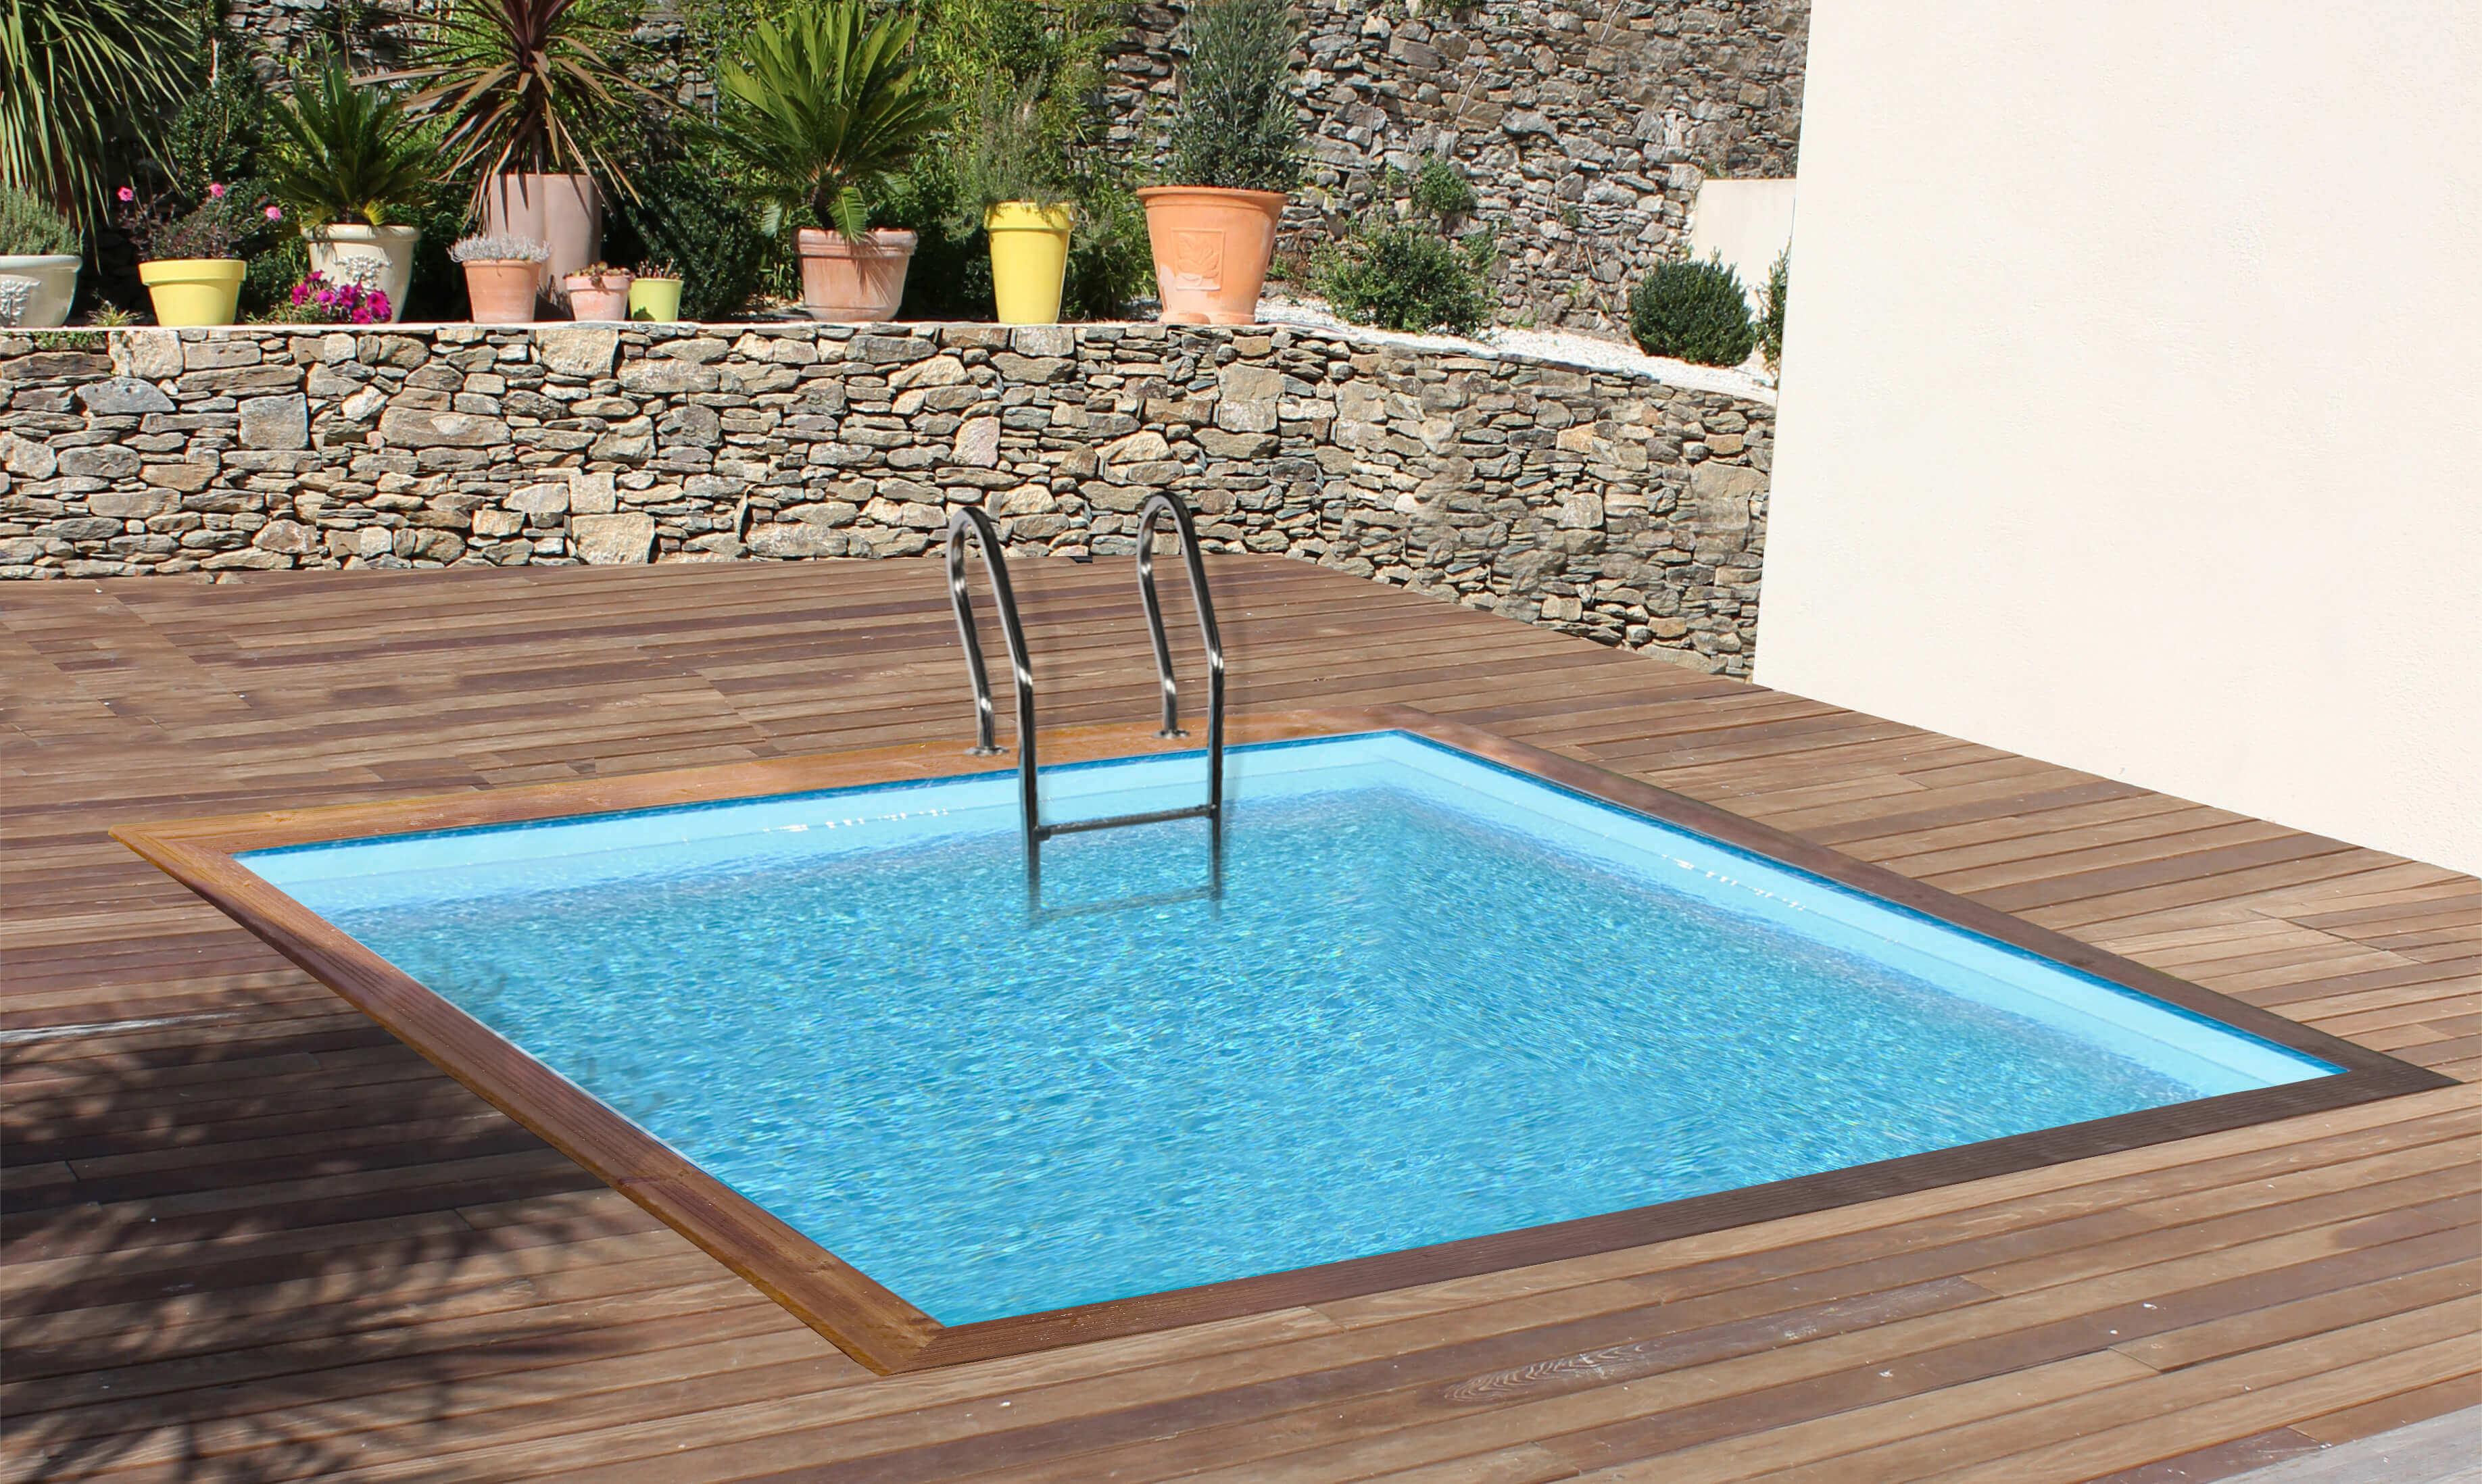 Piscine Tubulaire Habillage Bois piscine bois carra 305 x 305 x h 119 cm - version 2020